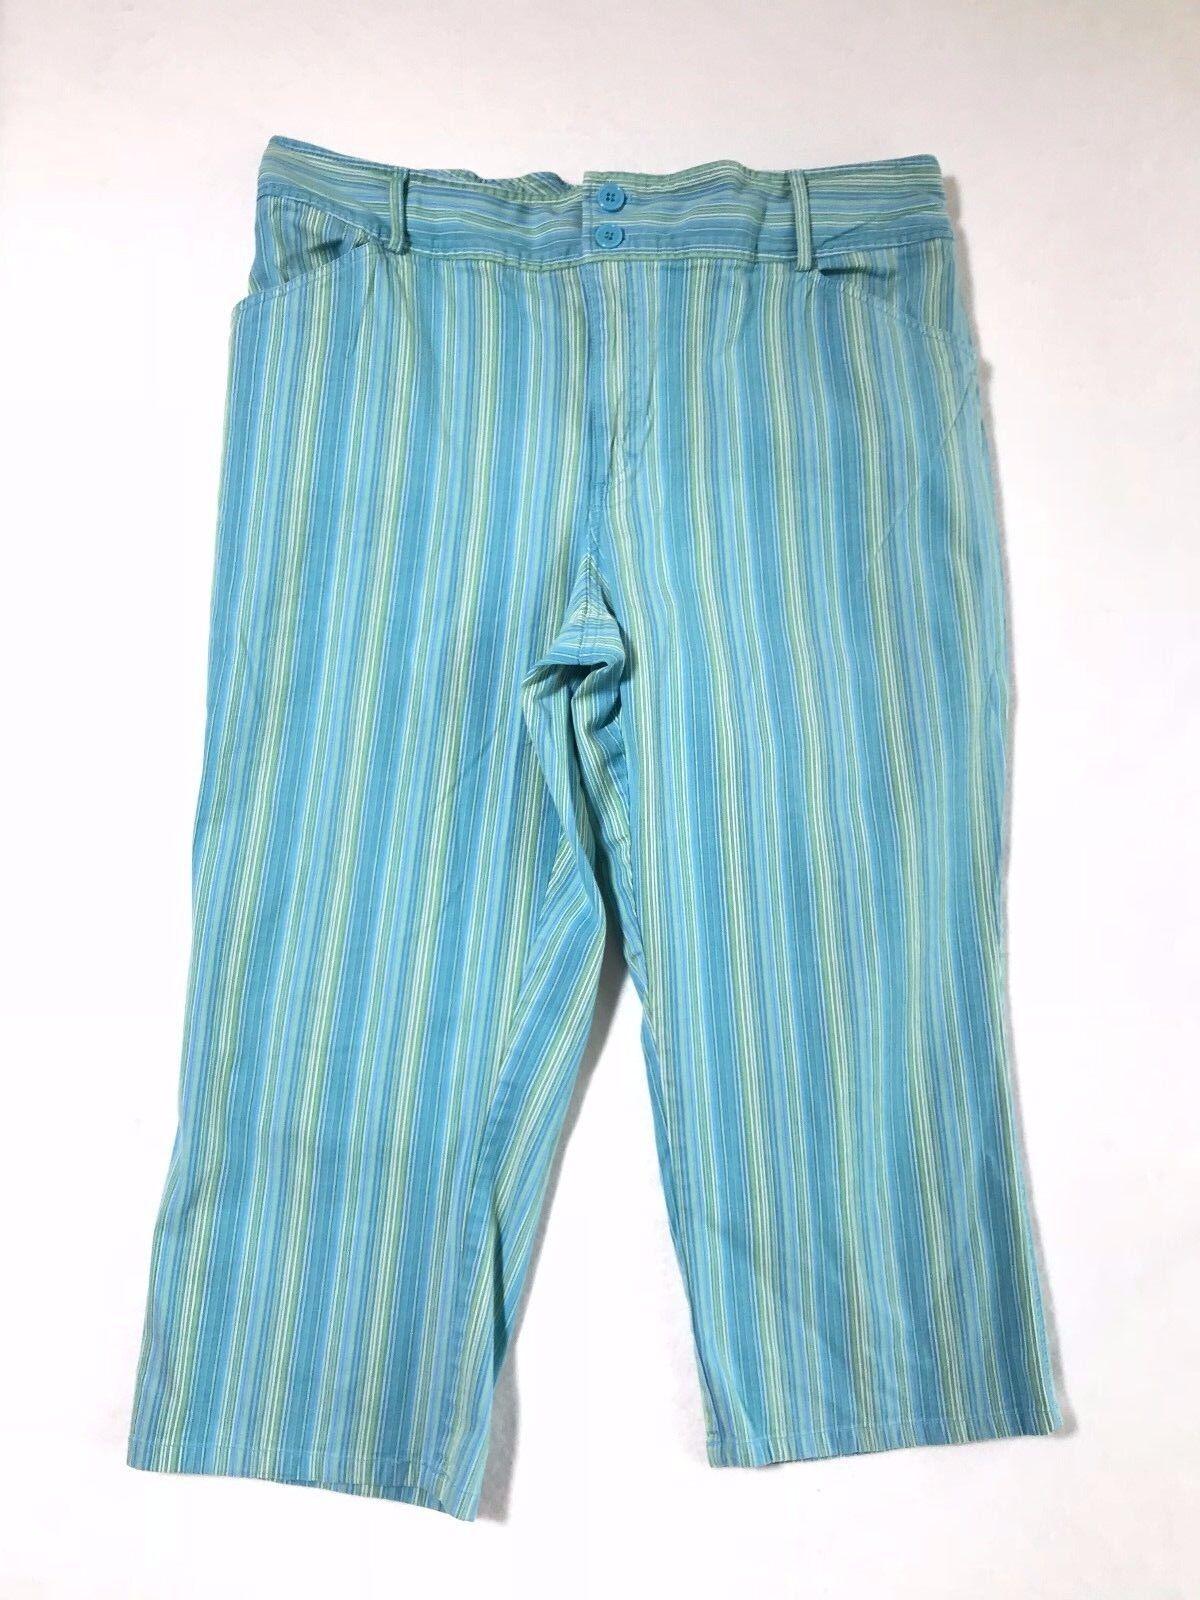 VENEZIA Women's Plus Size 22 Turquoise Green Stri… - image 1